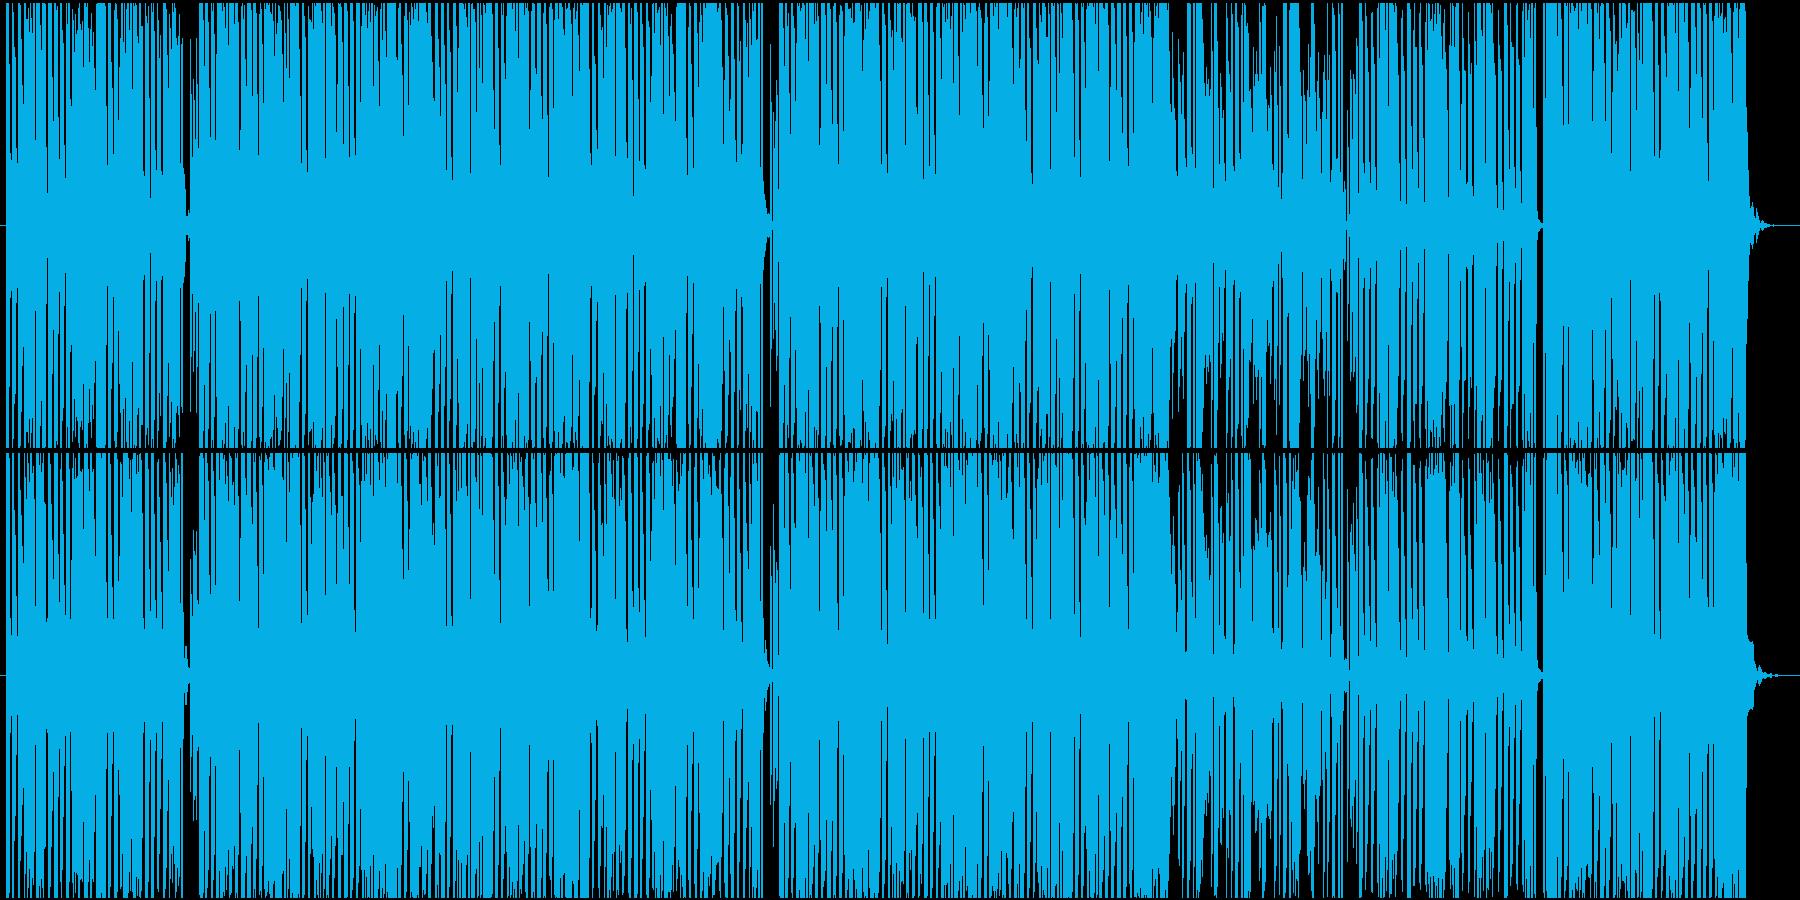 軽快でポップなテクノ楽曲 No.2の再生済みの波形